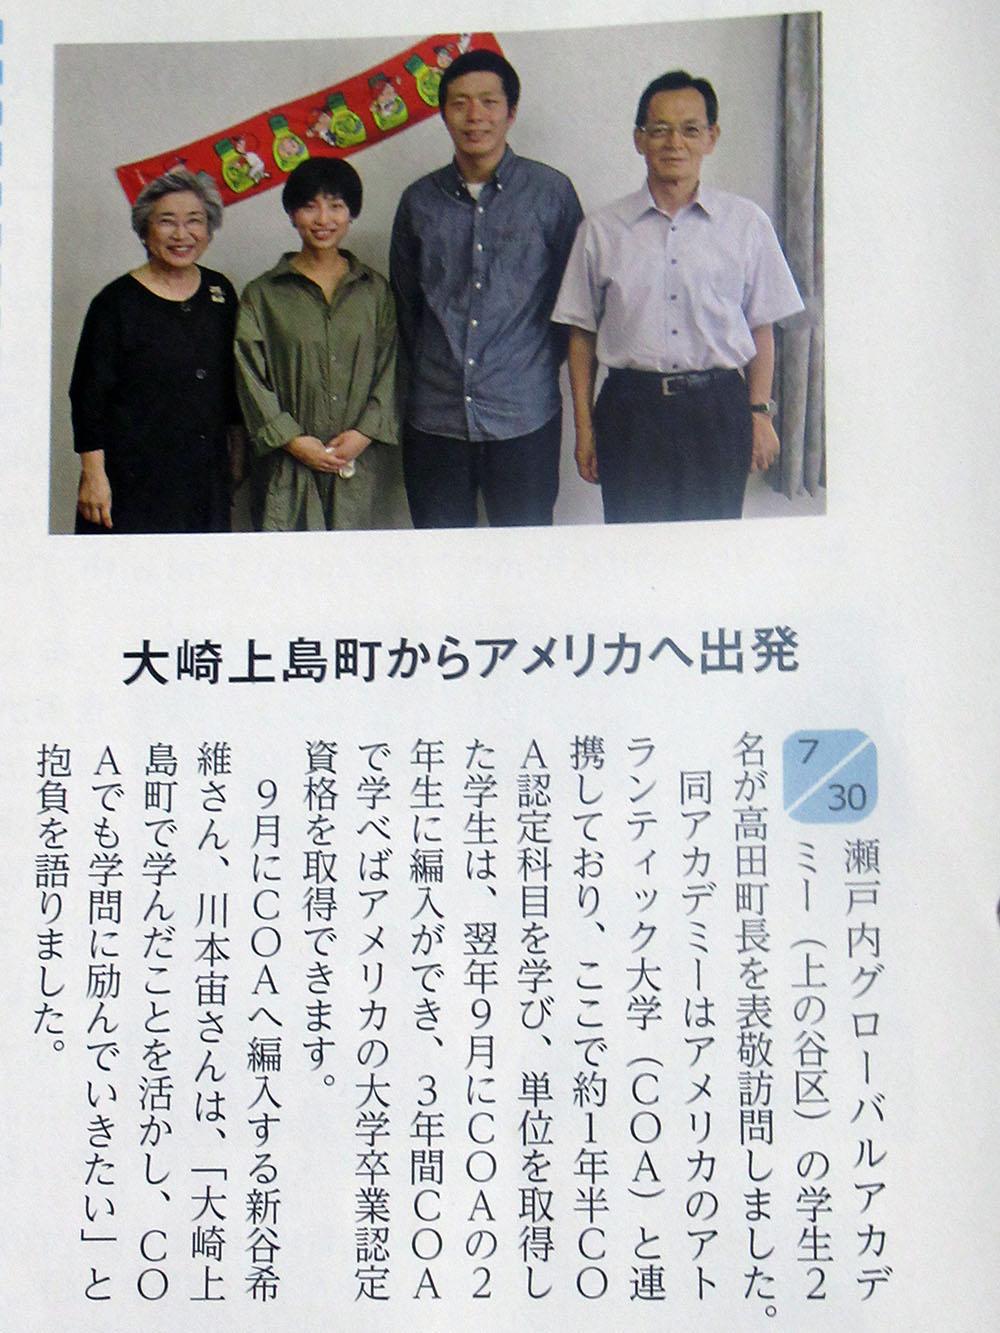 瀬戸内グローバルアカデミー